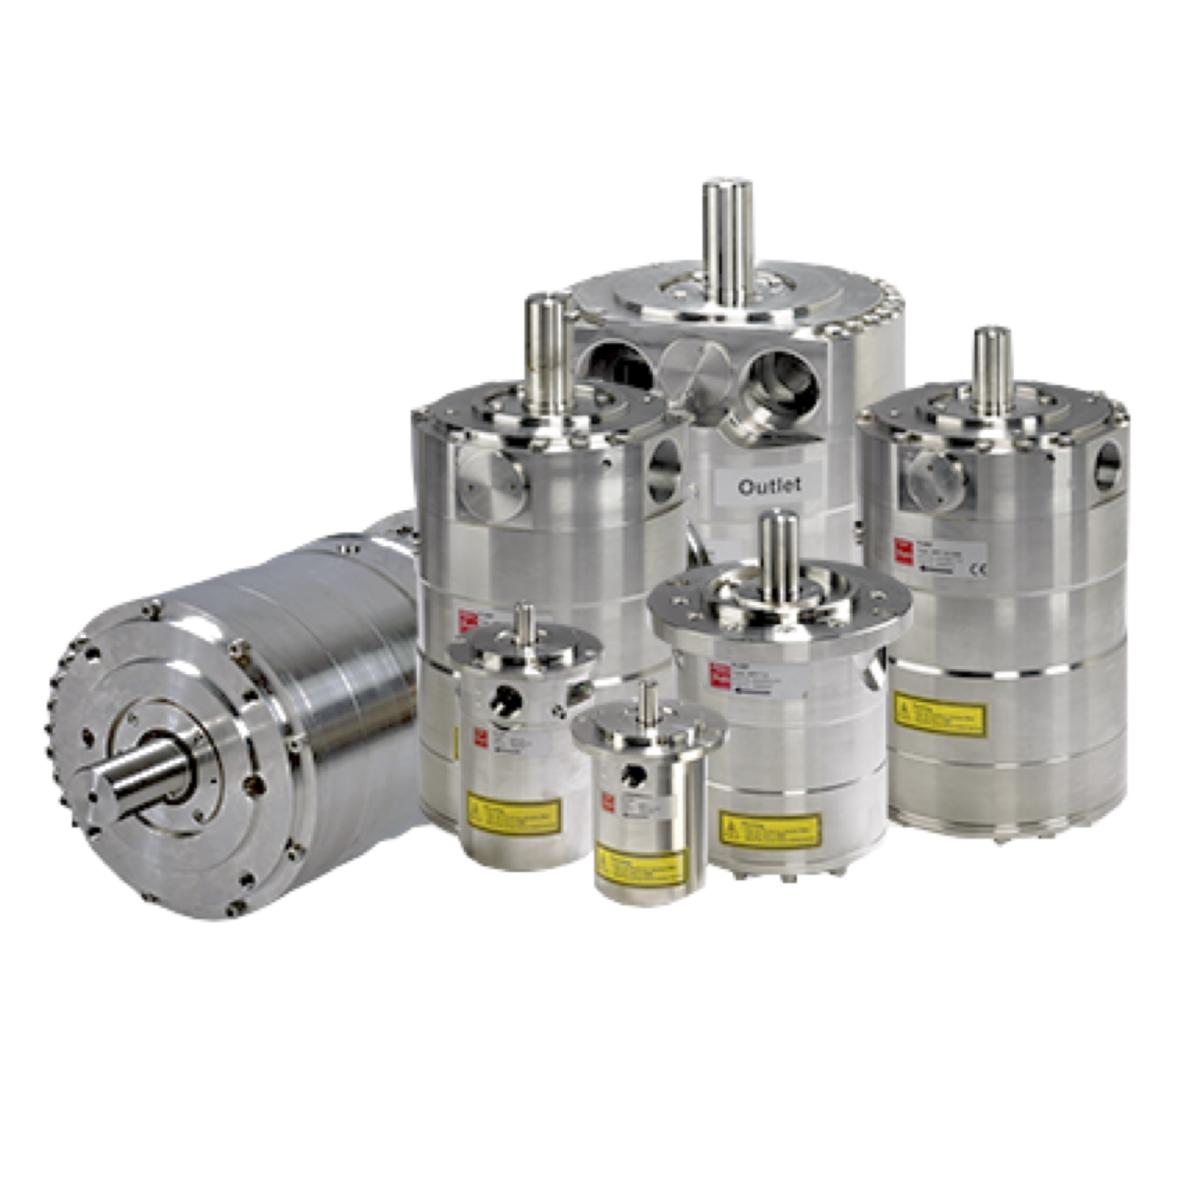 Danfoss App 2 5 180b3046 Axial Piston High Pressure Pump